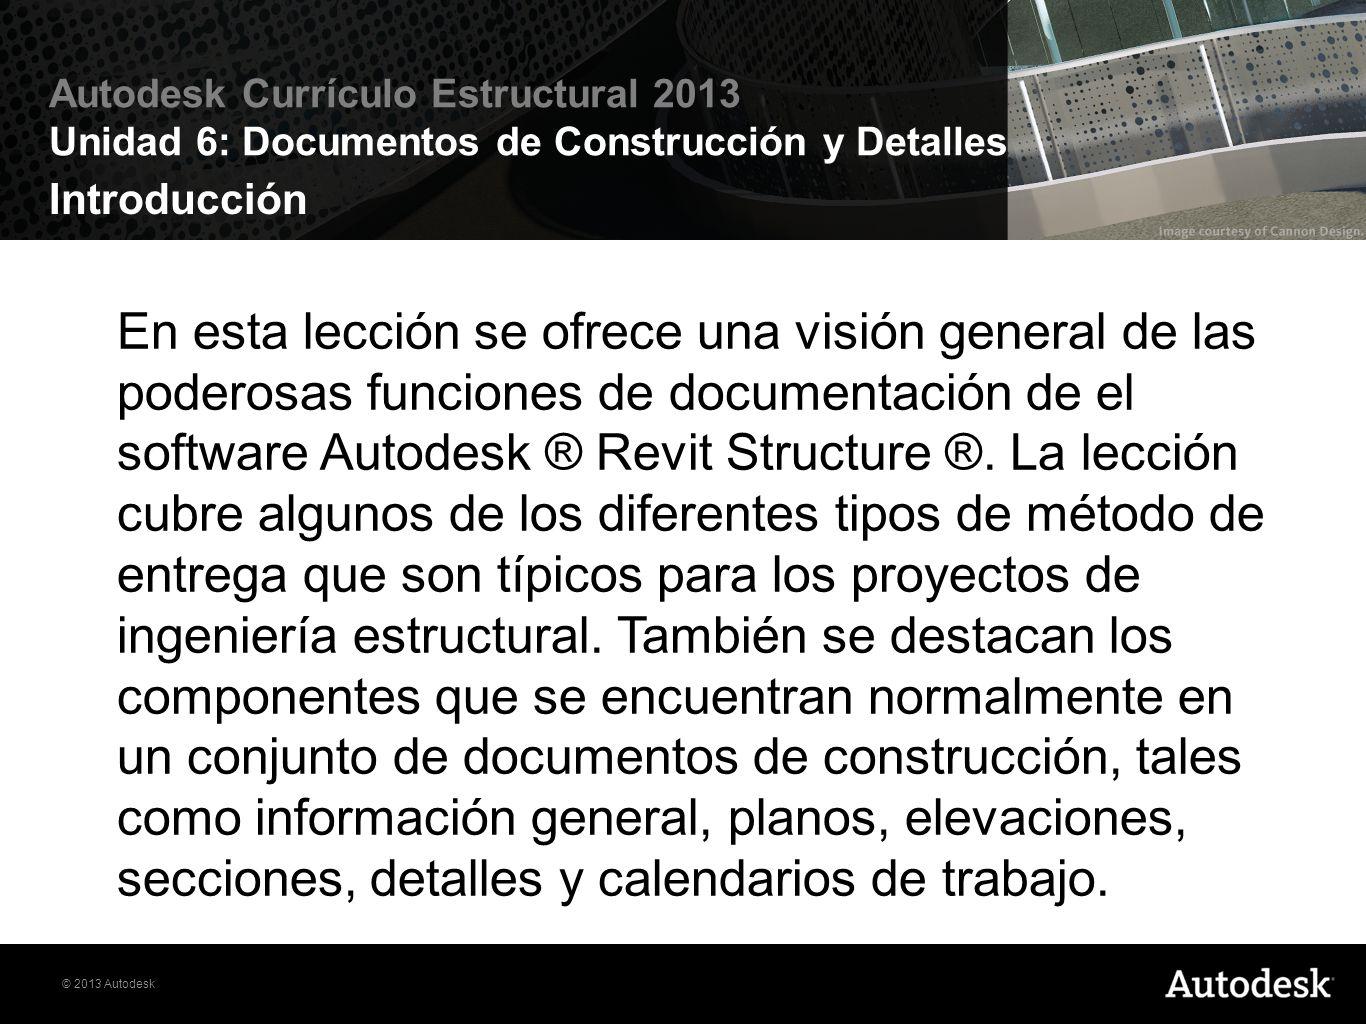 © 2013 Autodesk Autodesk Currículo Estructural 2013 Unidad 6: Documentos de Construcción y Detalles Introducción En esta lección se ofrece una visión